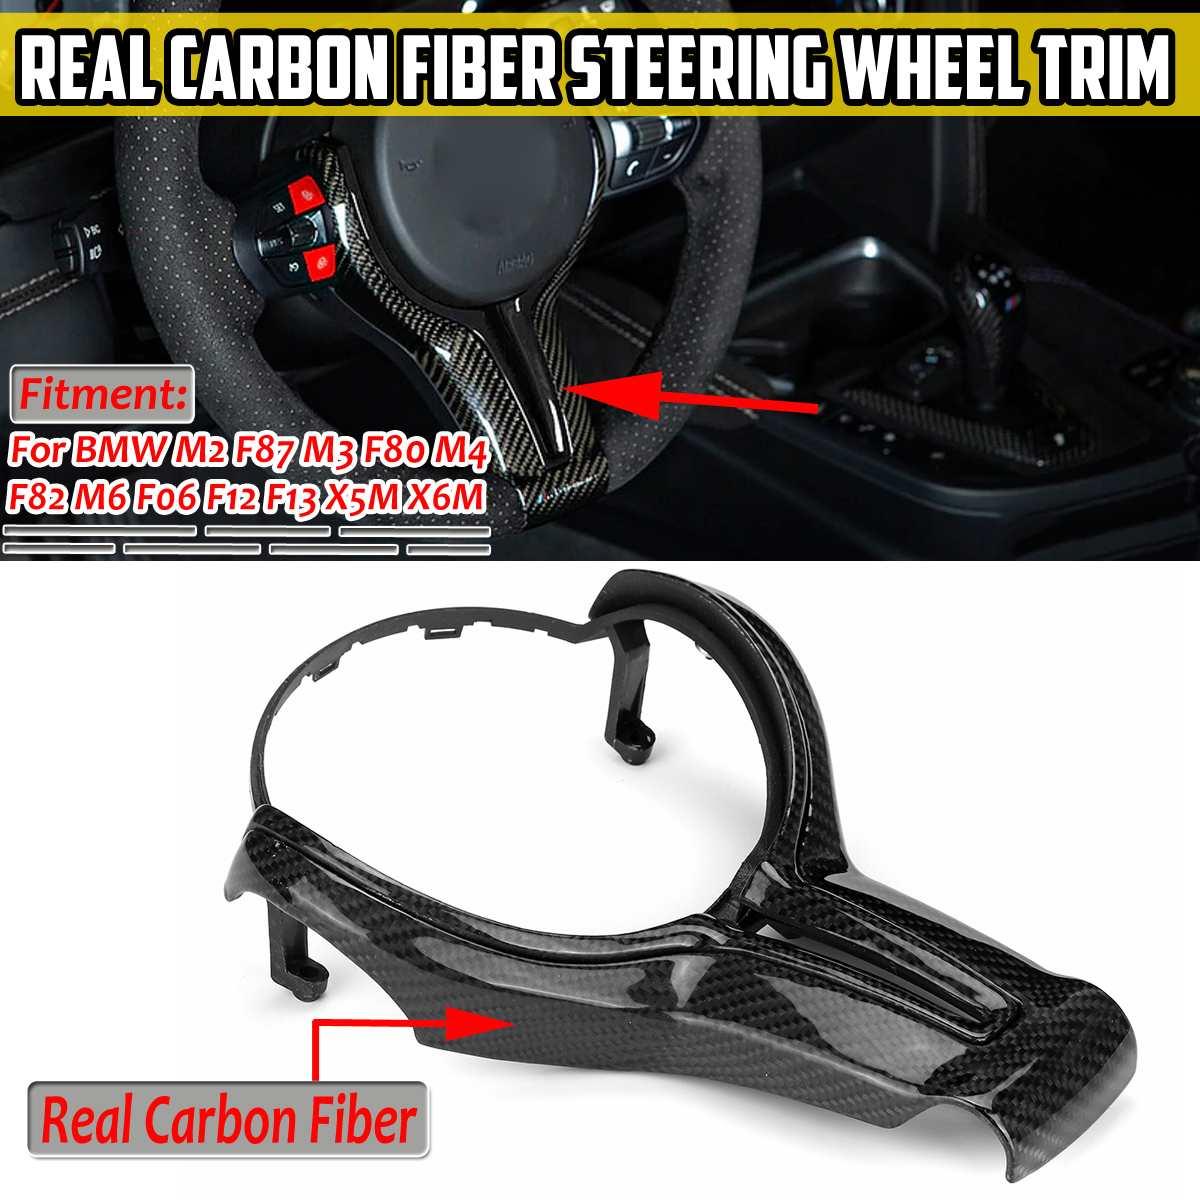 F87 F80 ريال الكربون الألياف عجلة توجيه سيارة غطاء الكسوة ل BMW M2 F87 M3 F80 M4 F82 M6 F06 F12 F13 X5M X6M غطاء عجلة القيادة